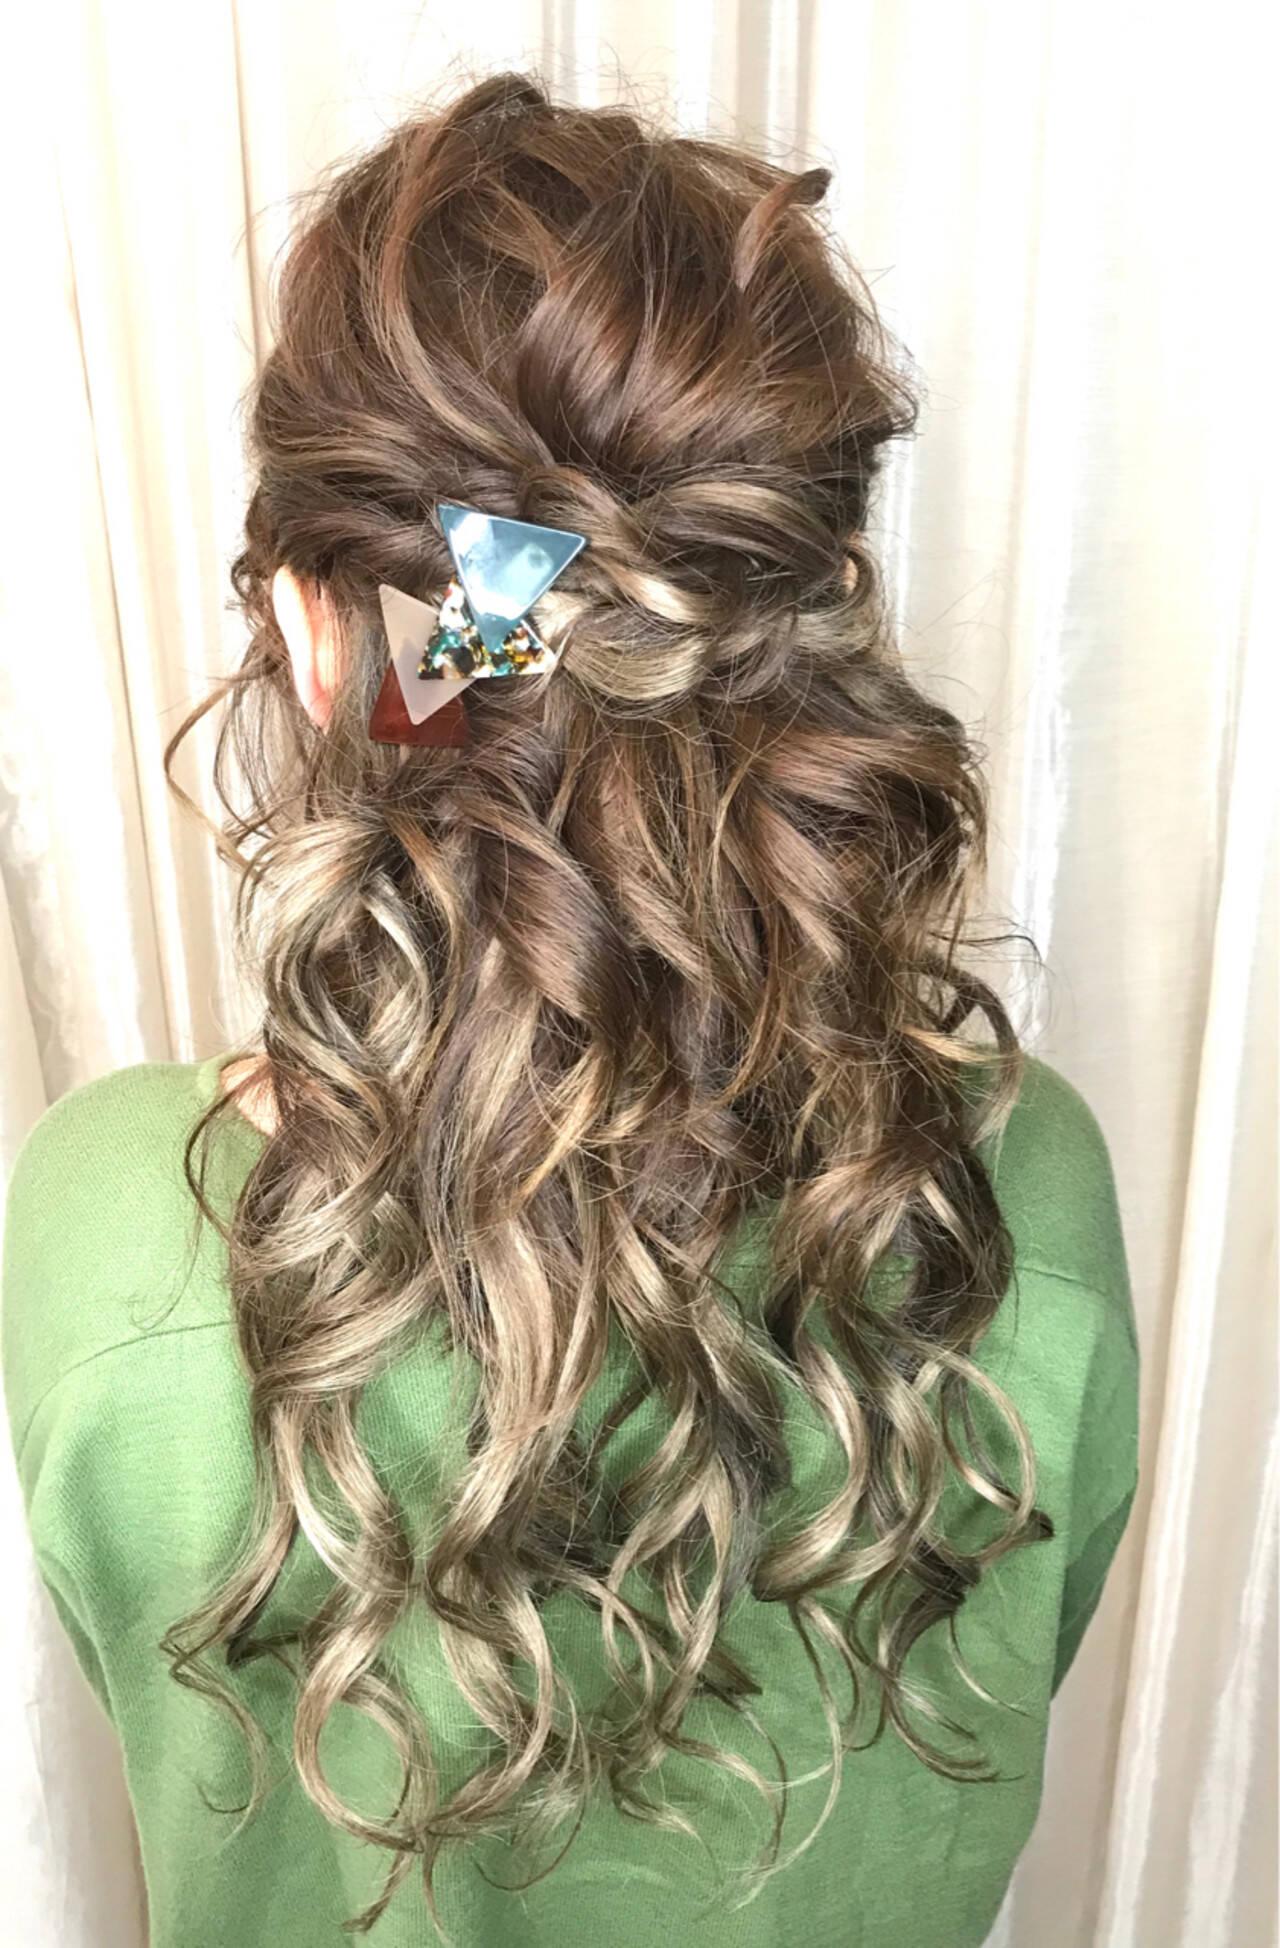 簡単ヘアアレンジ 結婚式 ナチュラル ヘアアレンジヘアスタイルや髪型の写真・画像